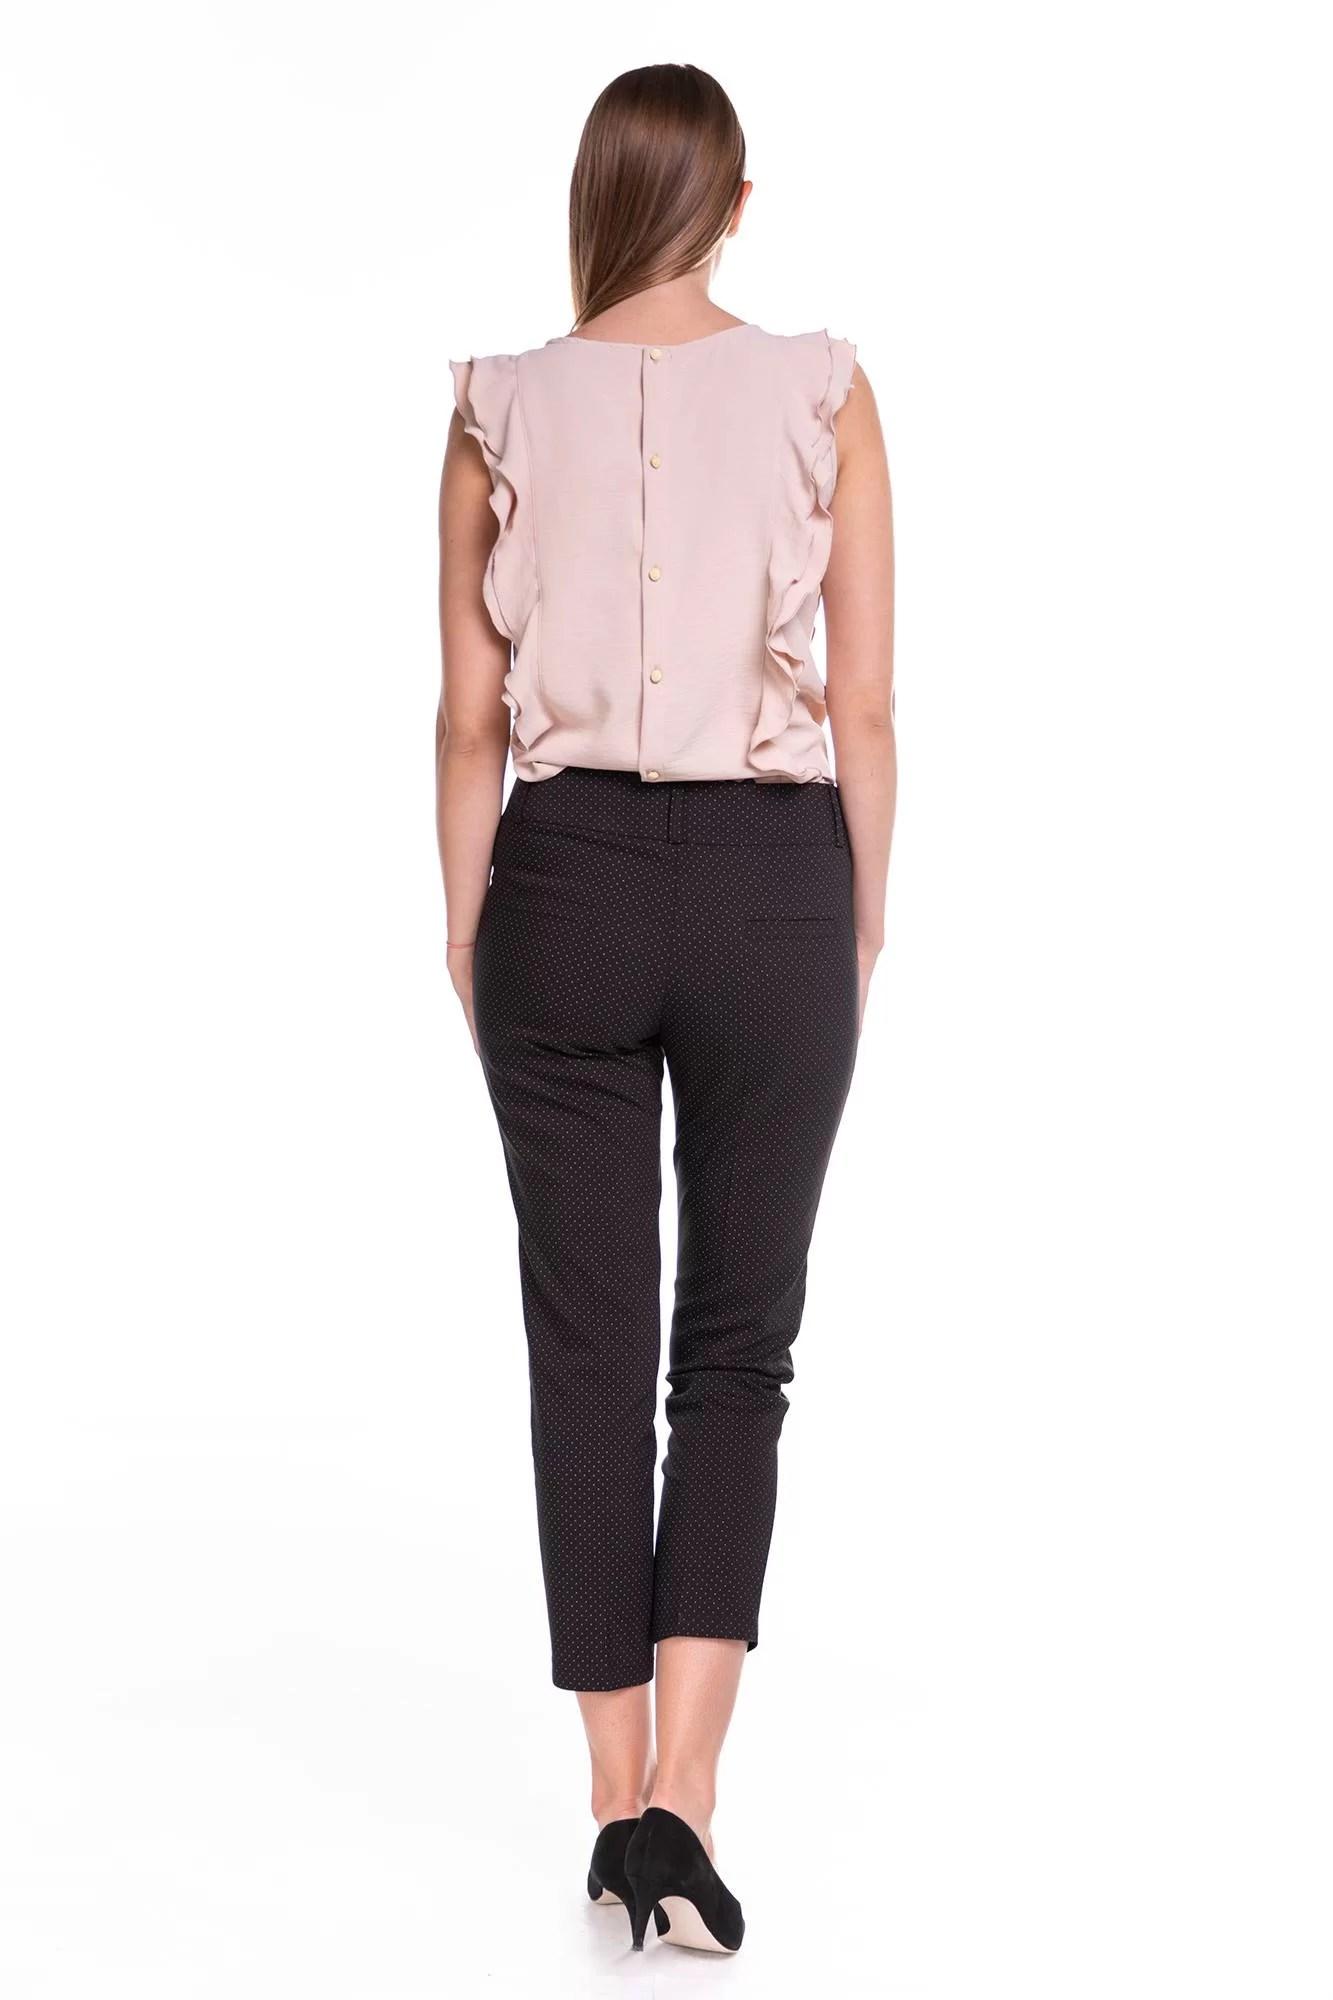 Spodnie Capri Czarne w kropki